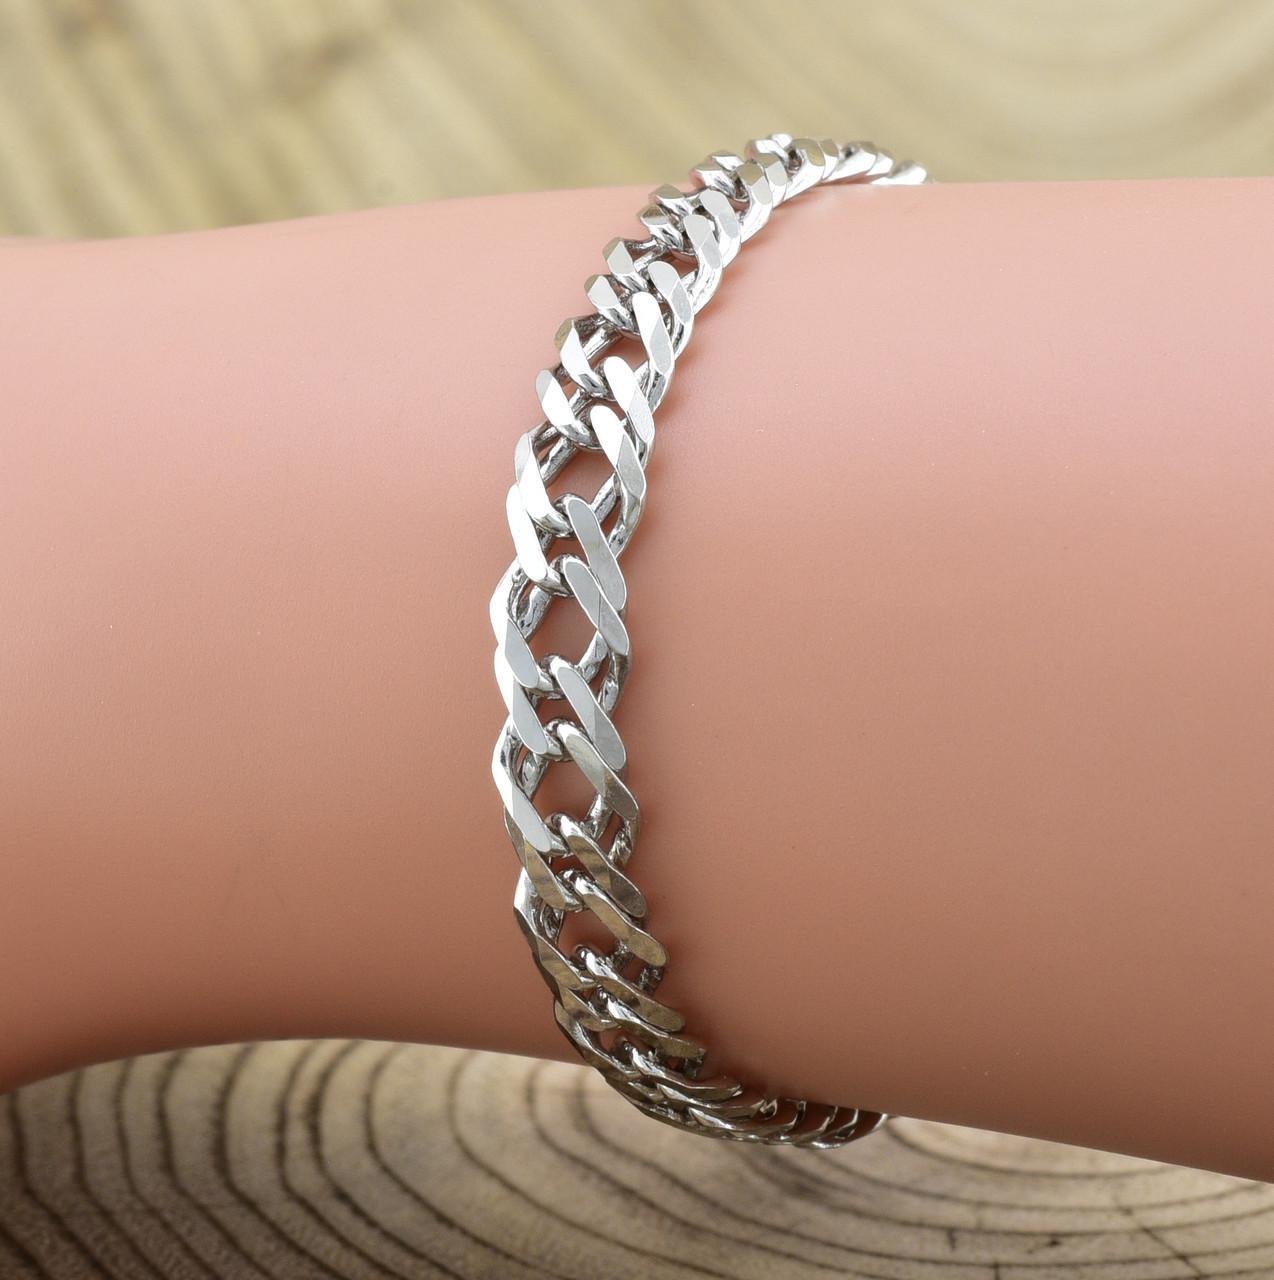 Серебряный браслет родированный Ромбик скруглённый длина 24 см ширина 6 мм вес серебра 9.6 г